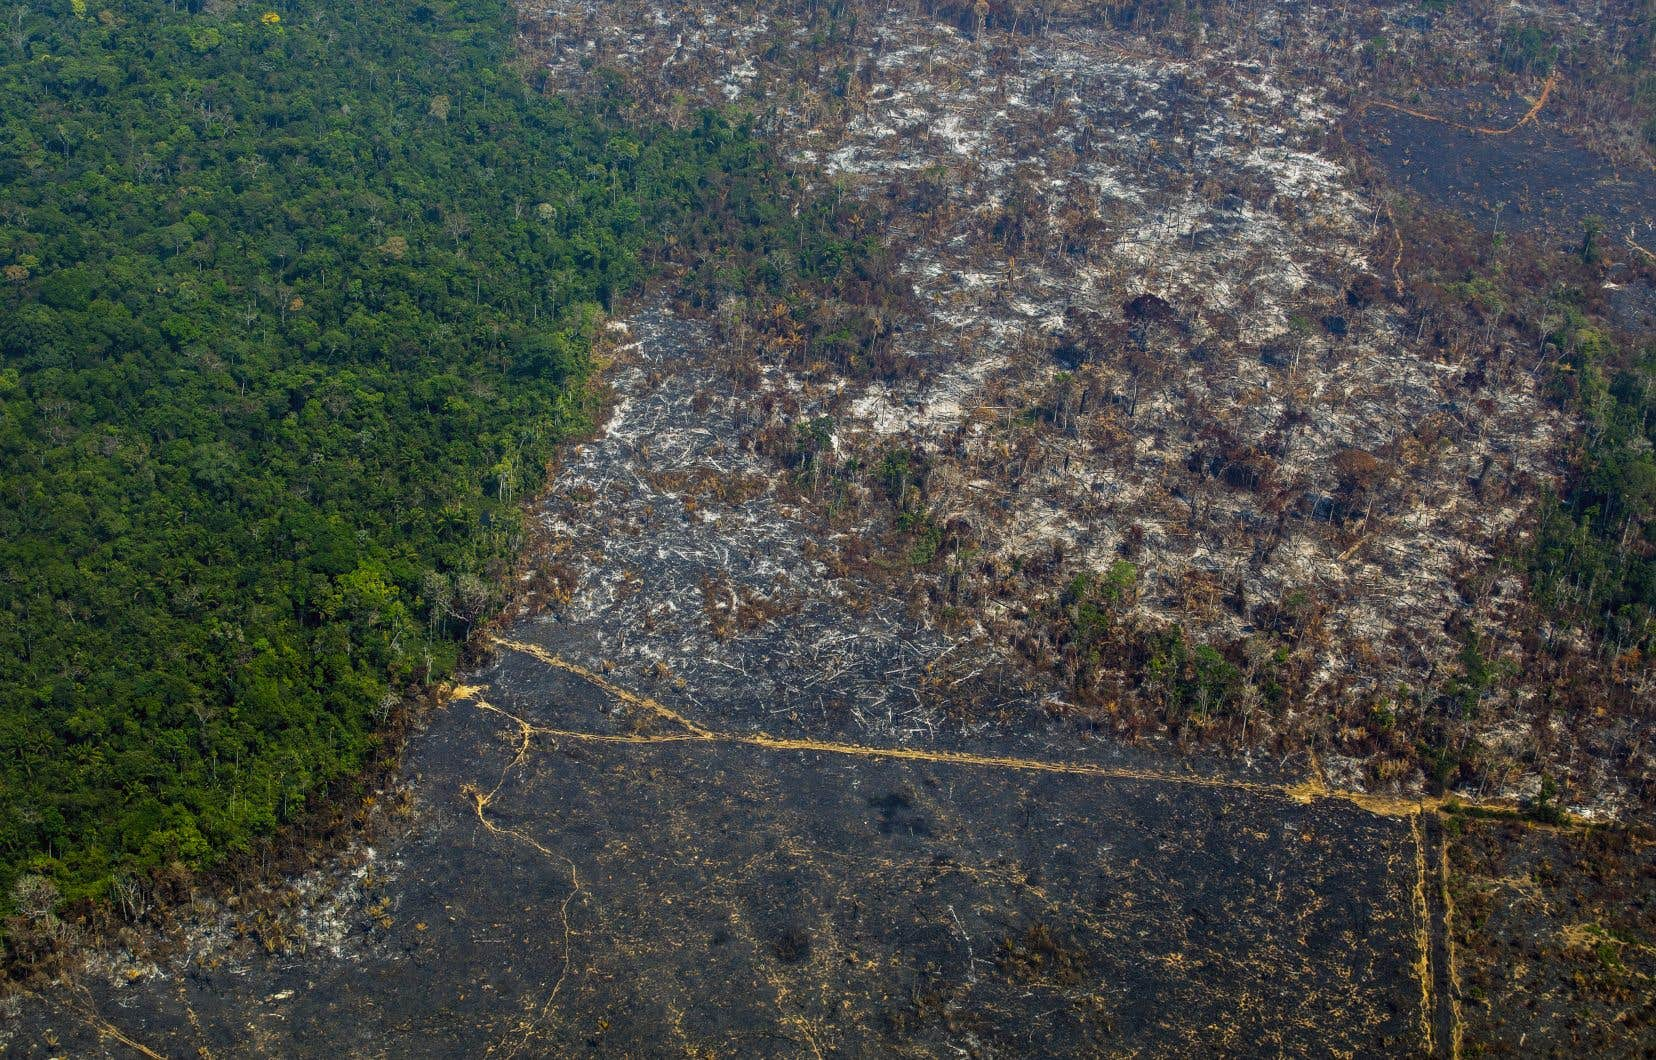 Pour les défenseurs de l'environnement et les spécialistes de l'Amazonie, cette hausse de la déforestation s'explique par la pression exercée sur la forêt par les bûcherons et éleveurs de bétail, encouragés par les prises de position du président d'extrême droite Jair Bolsonaro.